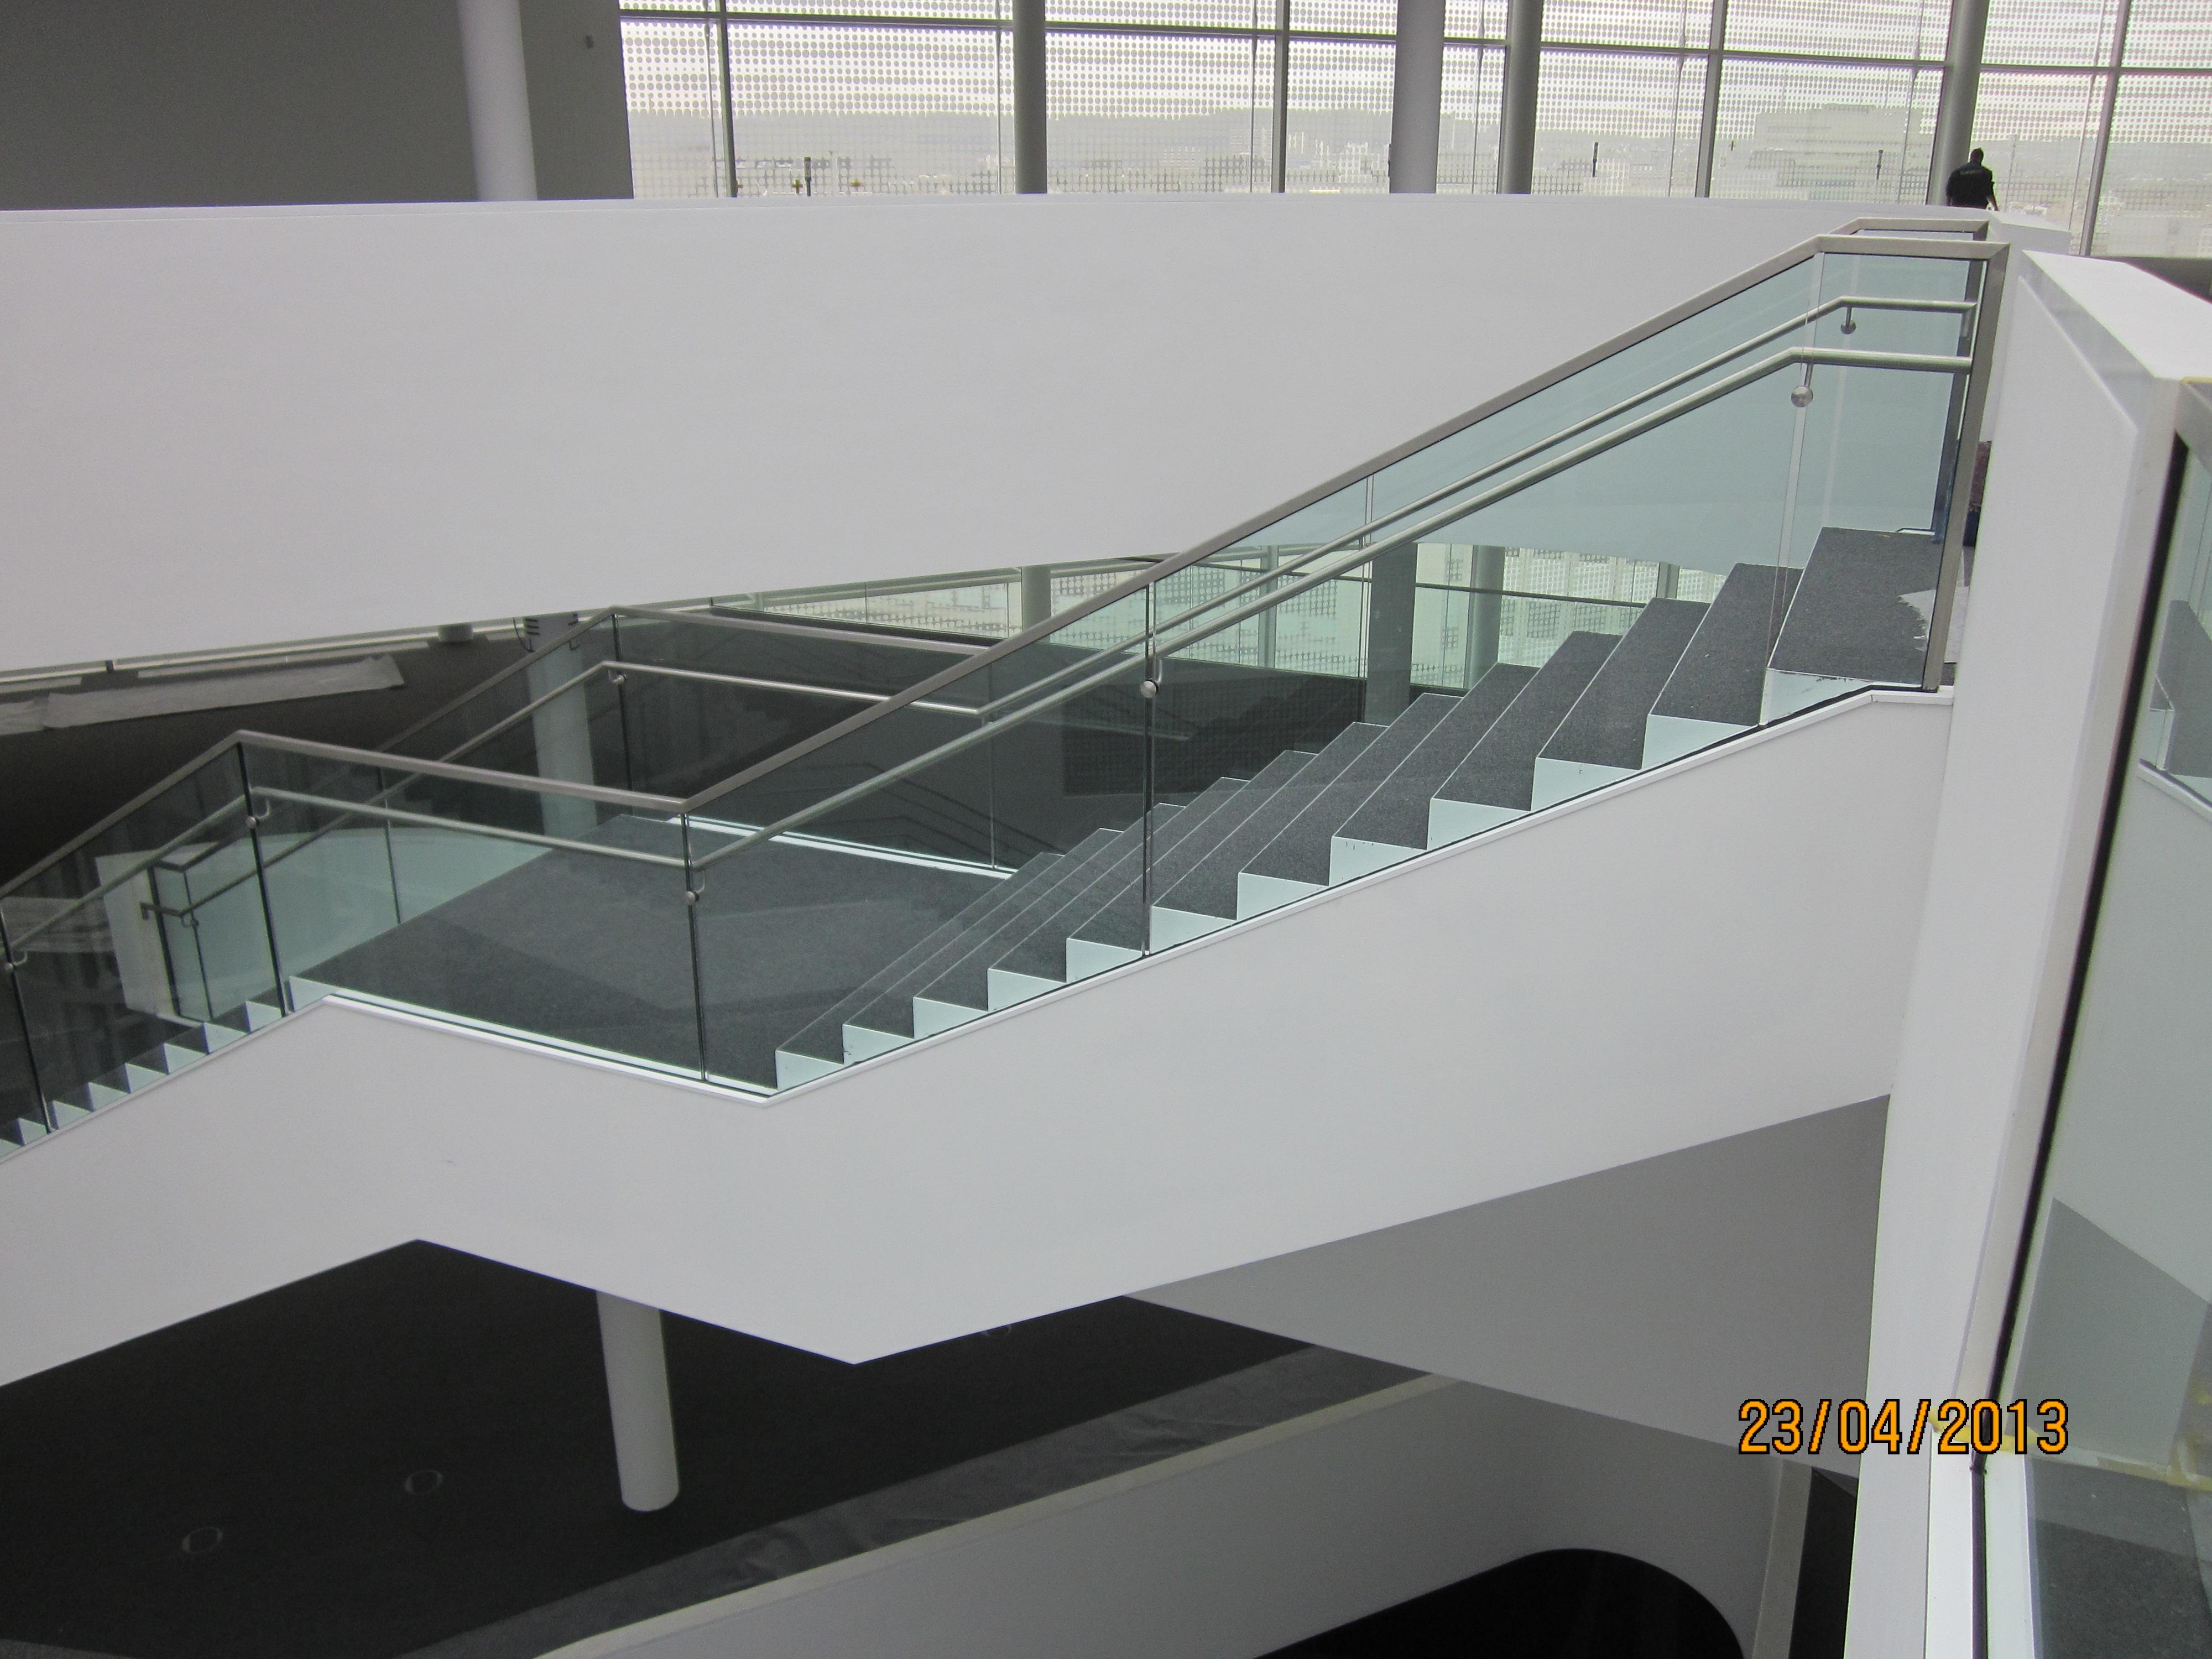 Ganzglasgeländer in öffentlichem Gebäude